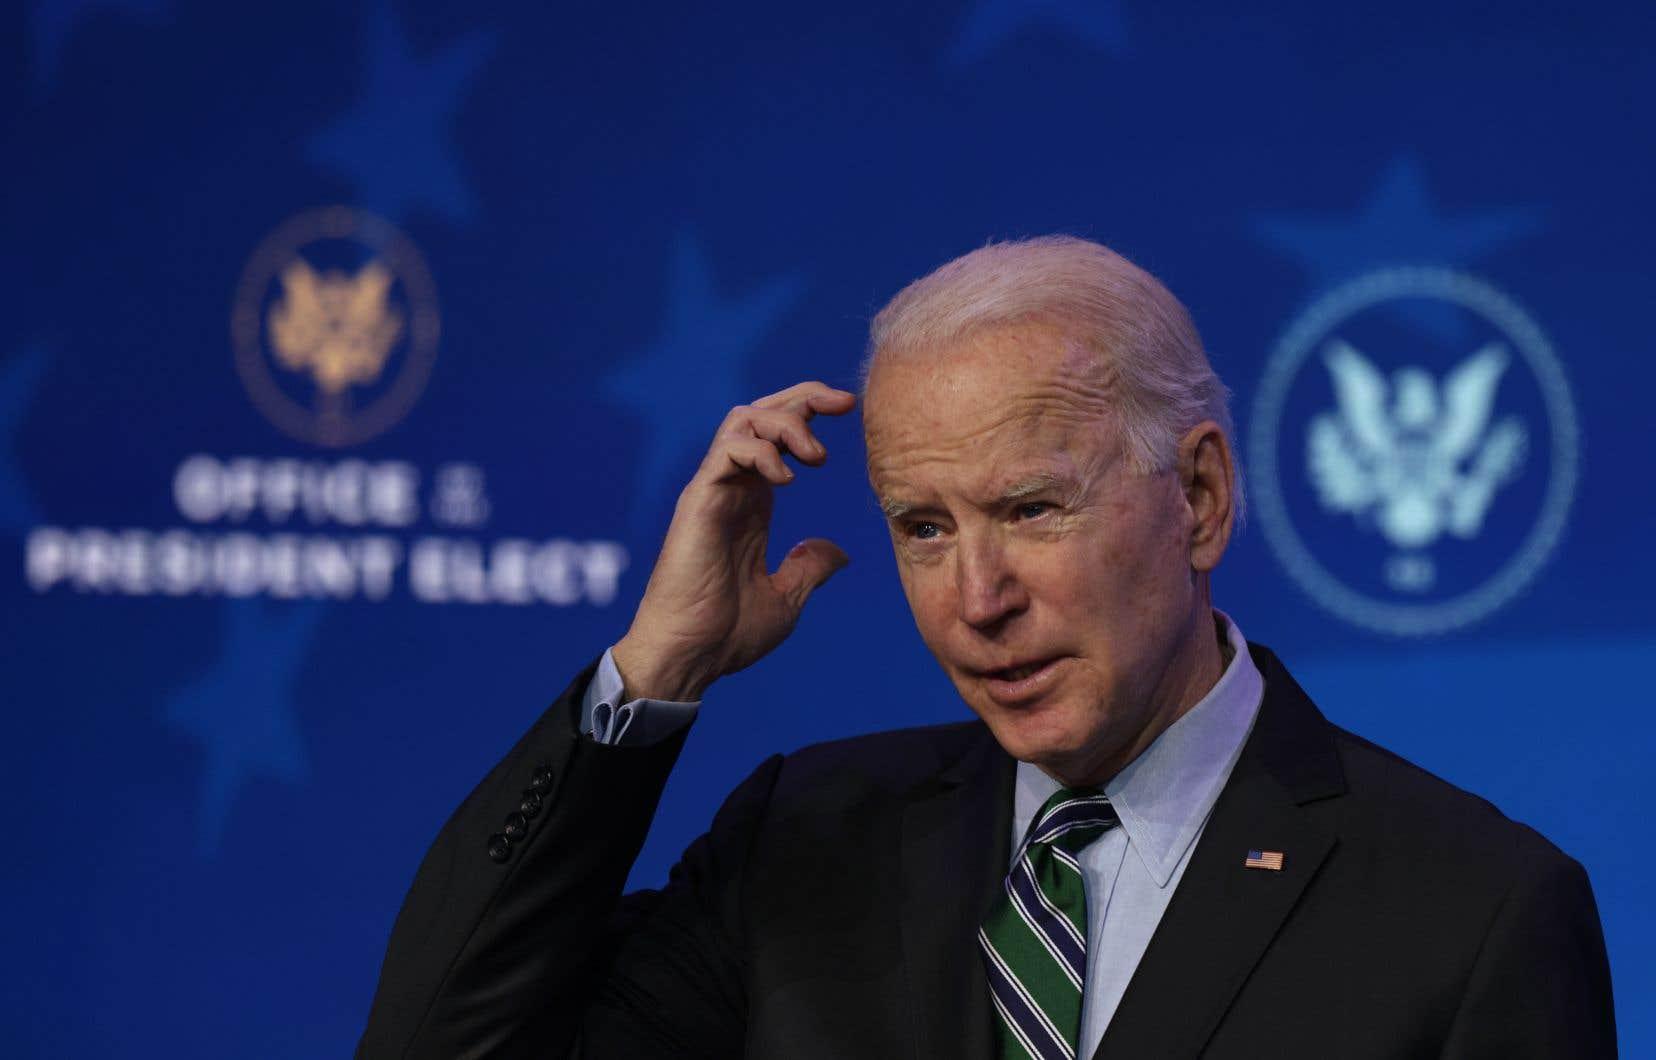 Sur le plan économique, Joe Biden prévoit aussi de prolonger le moratoire sur les expulsions et les saisies immobilières, lié à la pandémie.